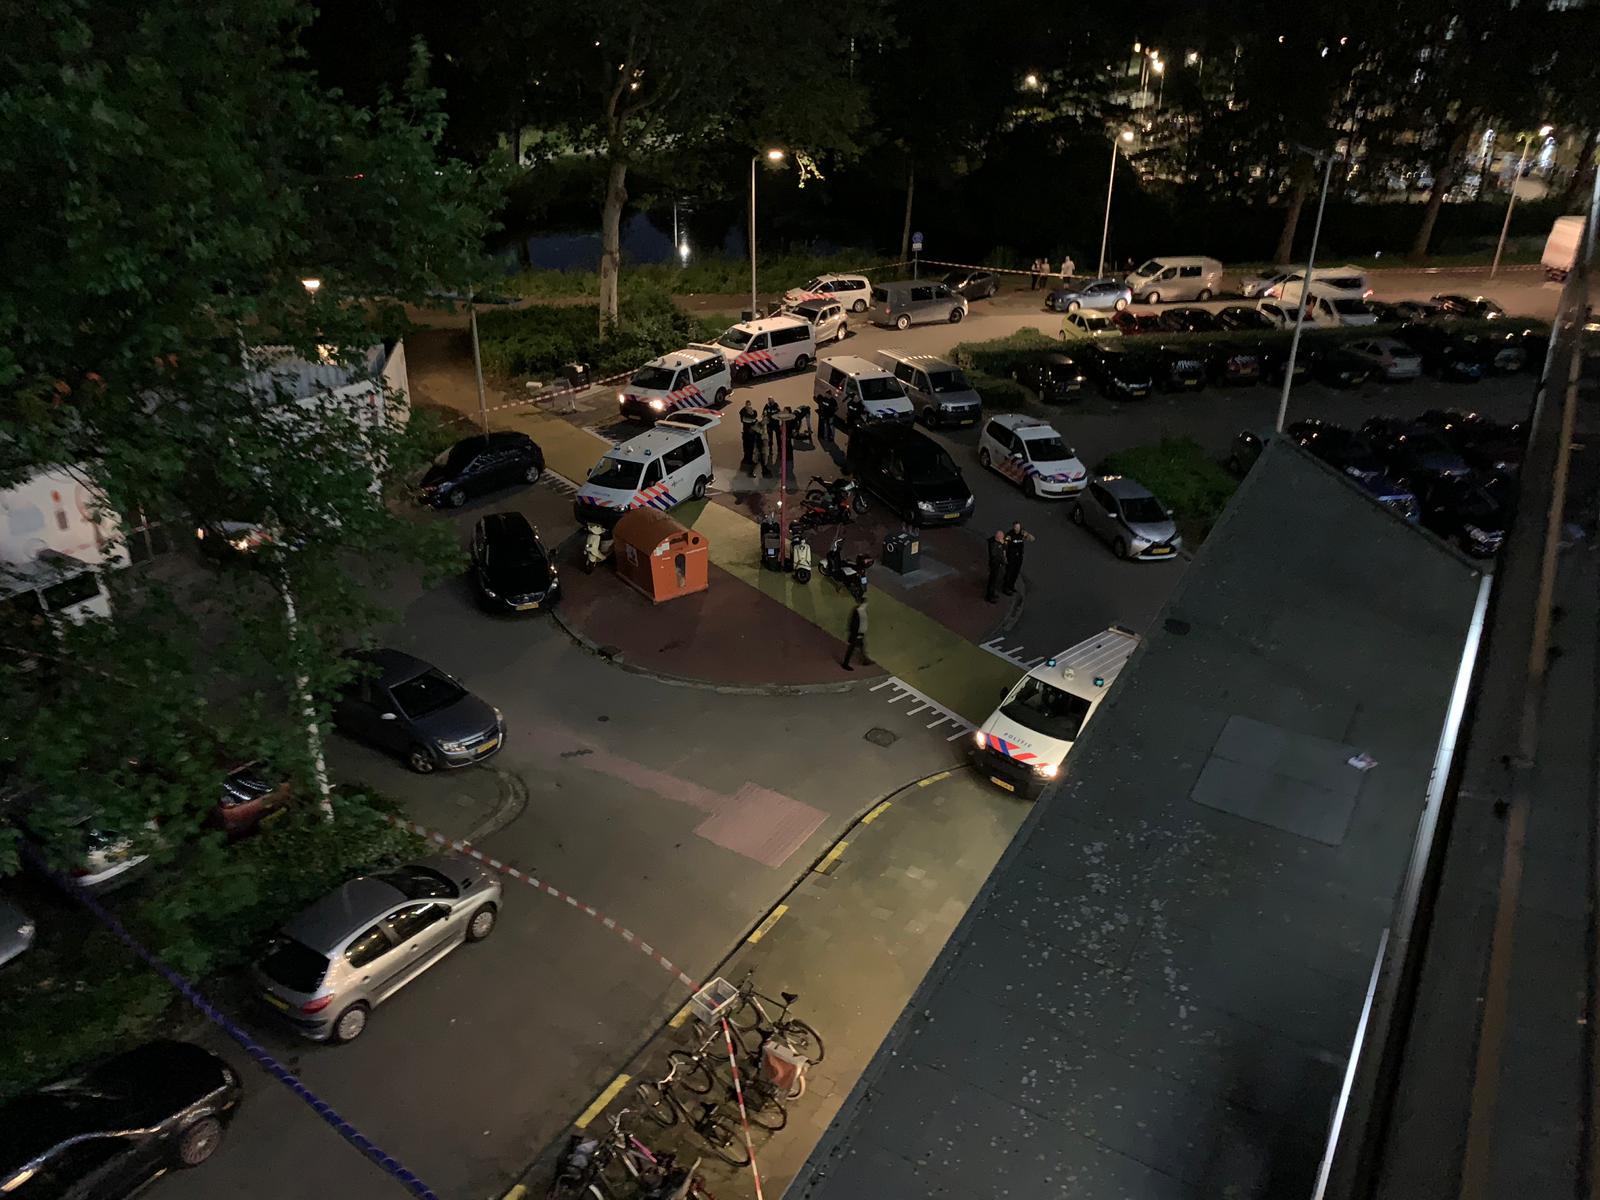 Vier aanhoudingen na schietincident in woning Capelle aan den IJssel